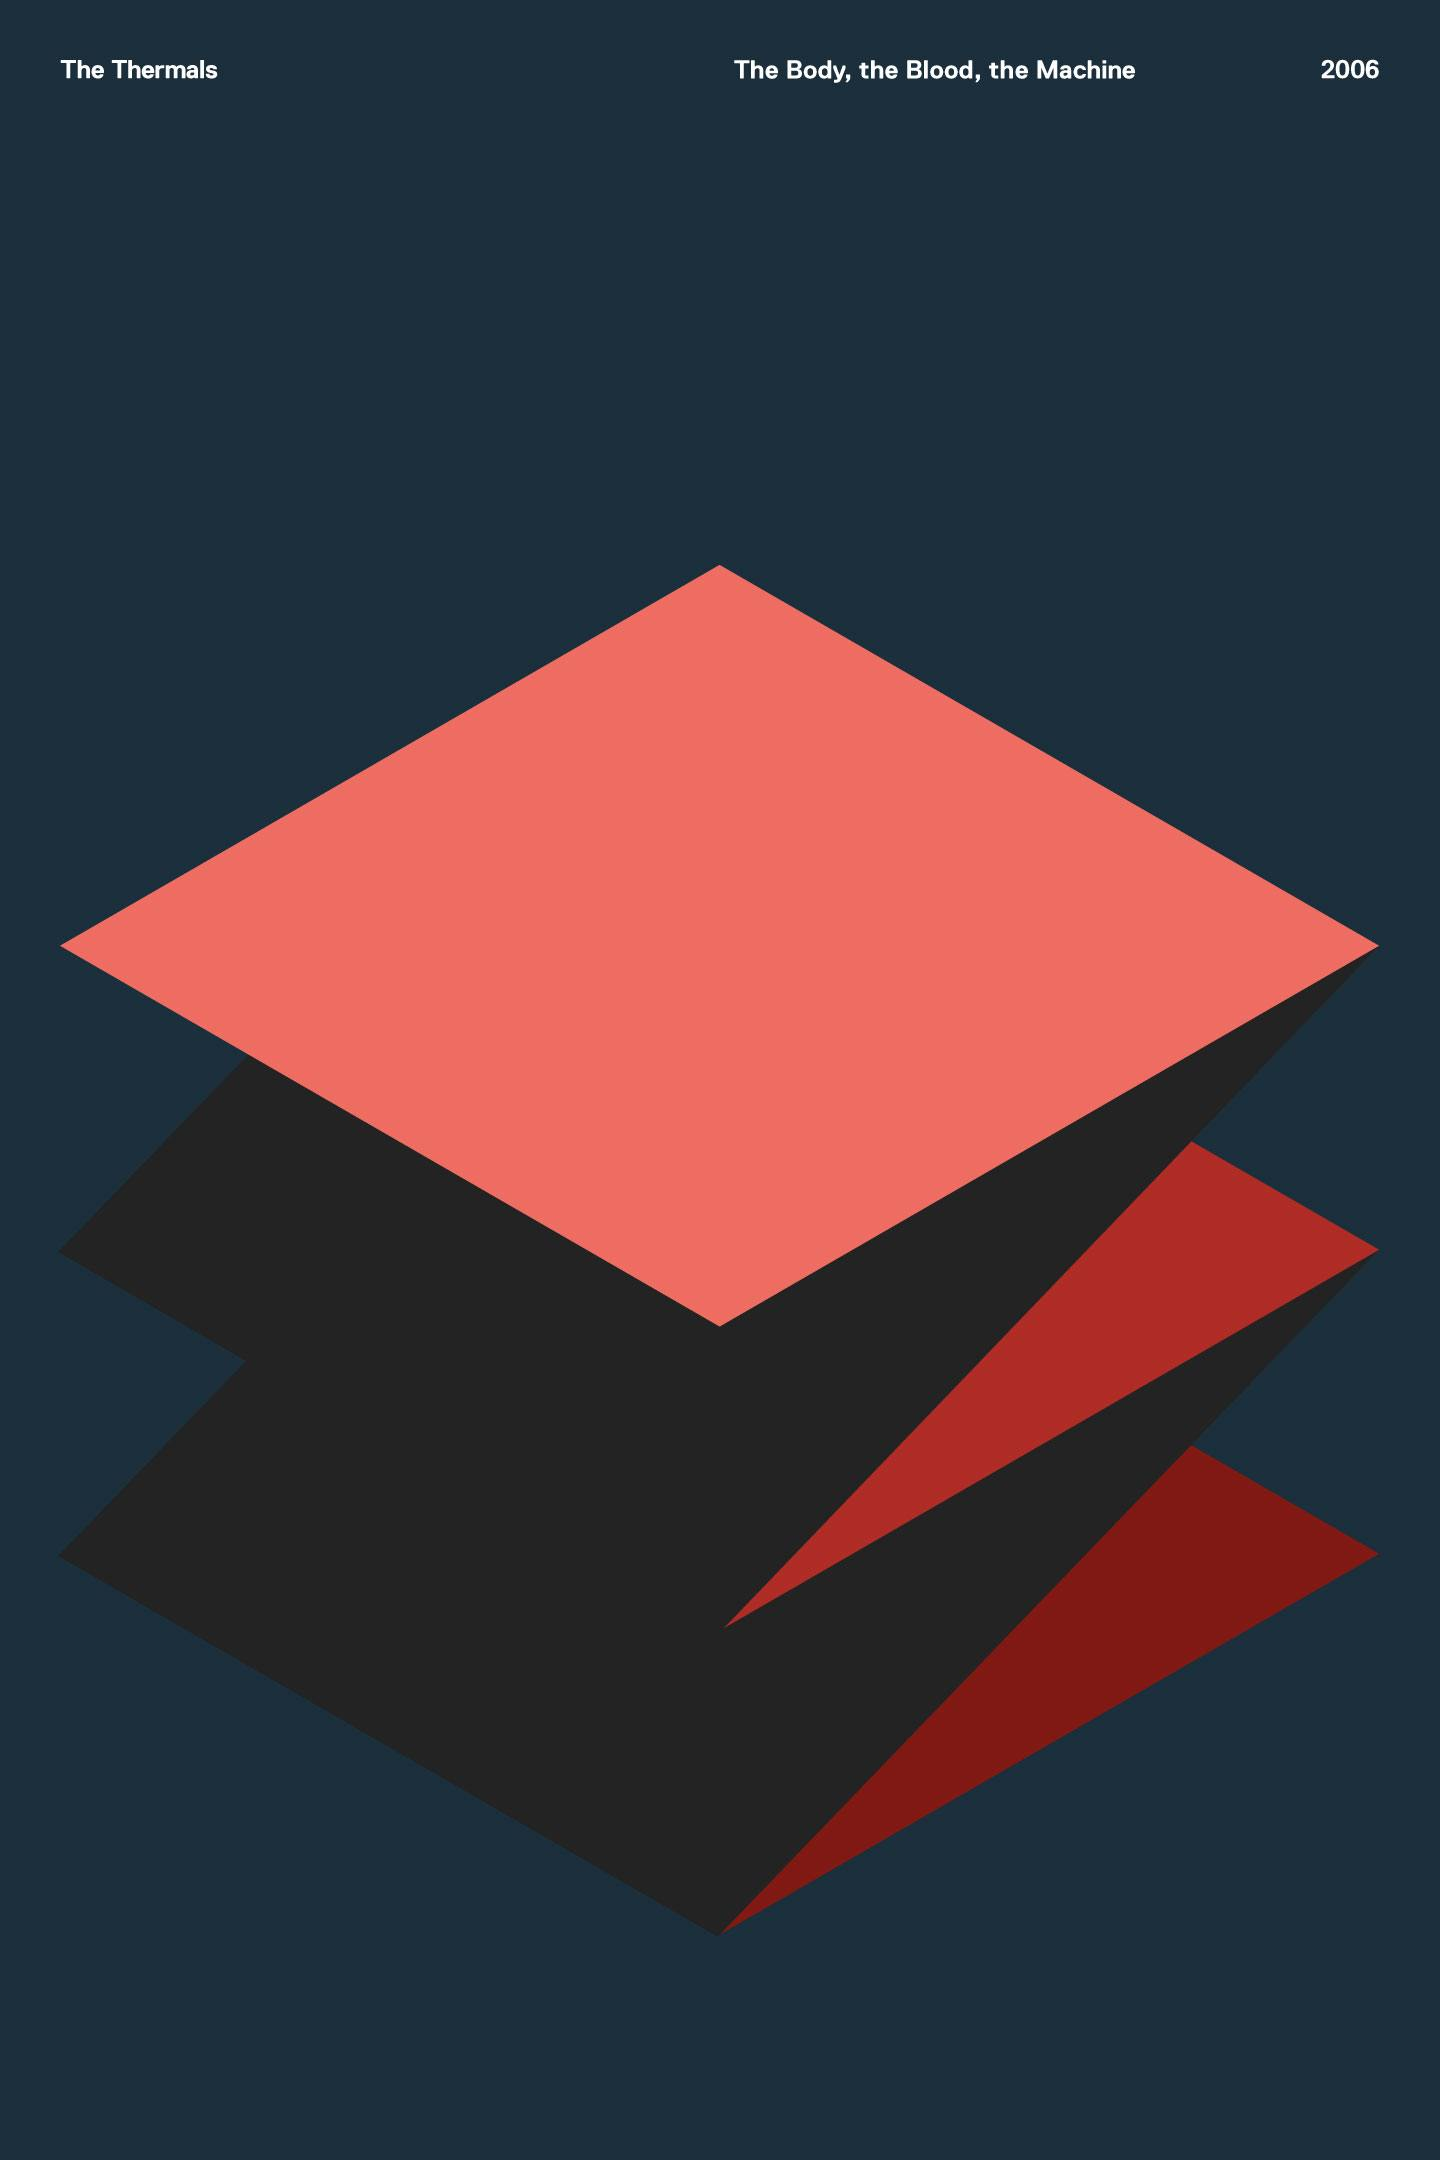 Tendencias de diseño web 2019 - Profundidad plana